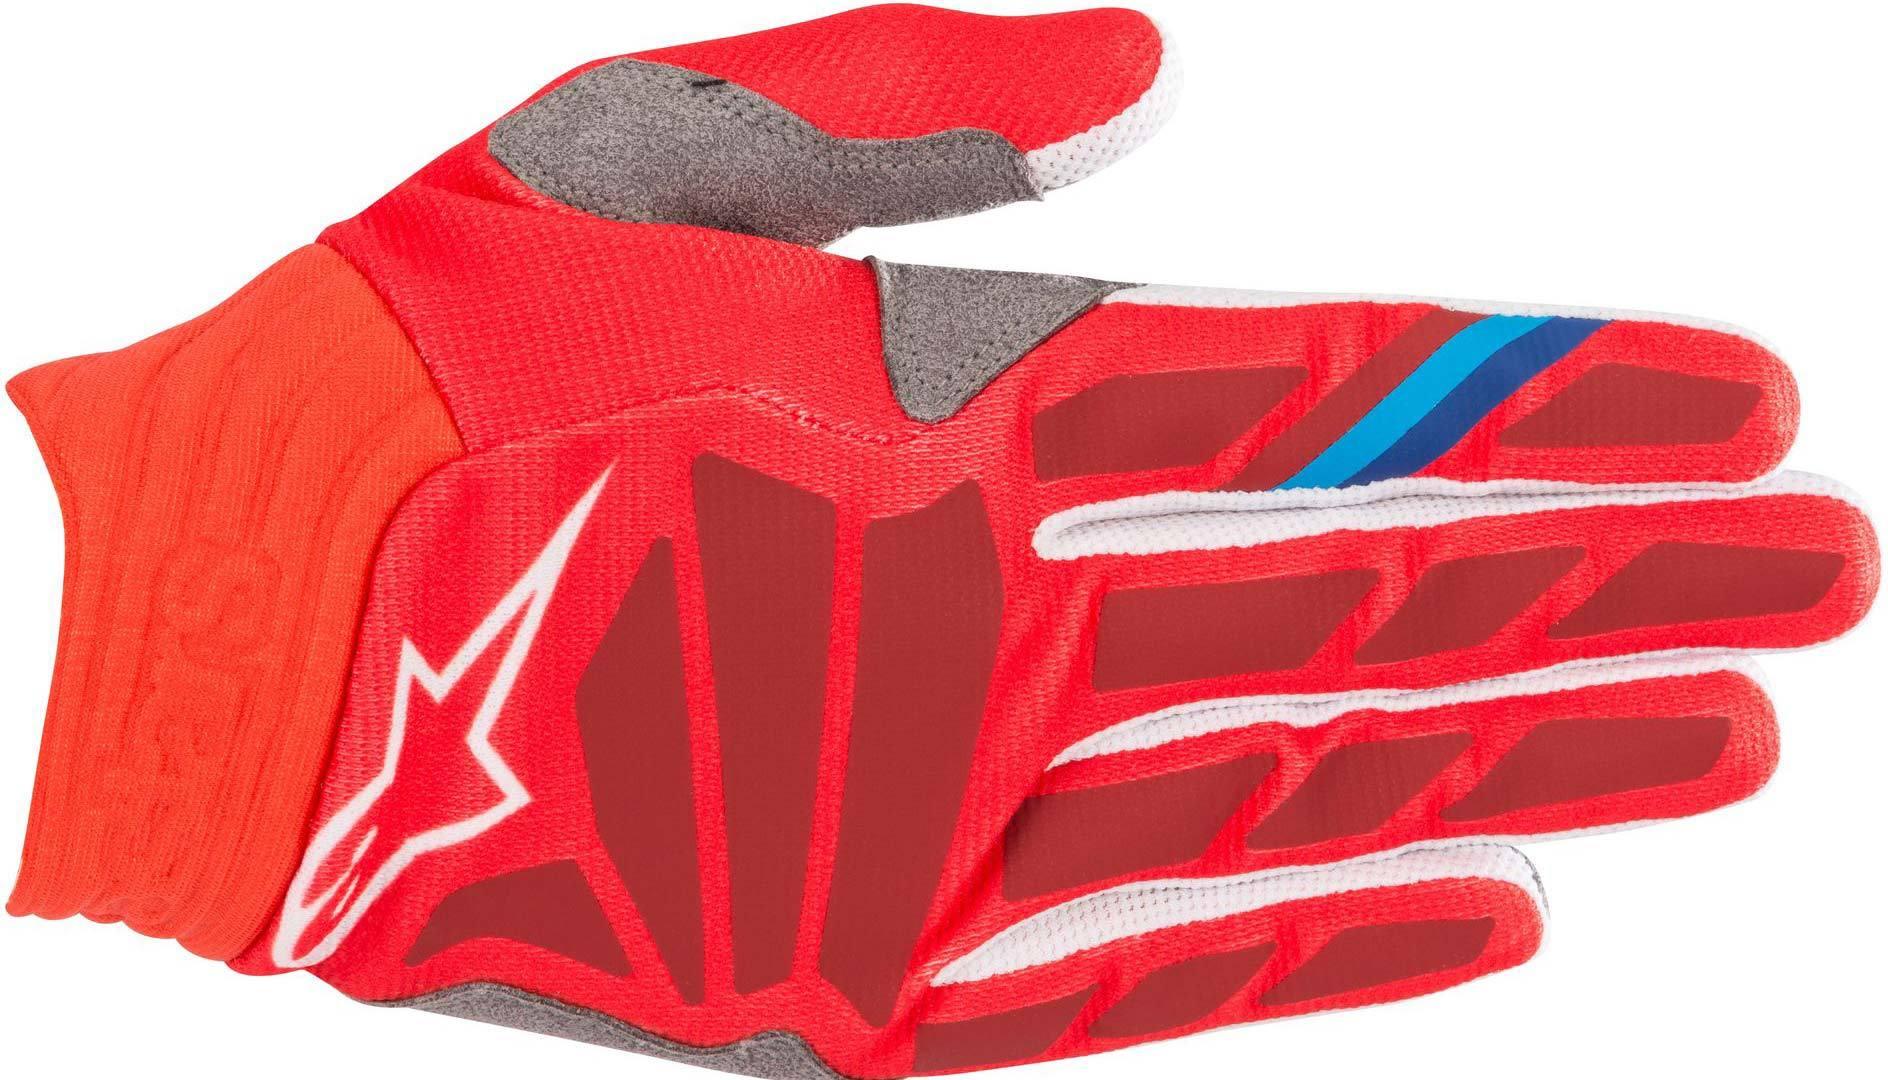 Alpinestars Aviator Motocross Gloves Red 2XL